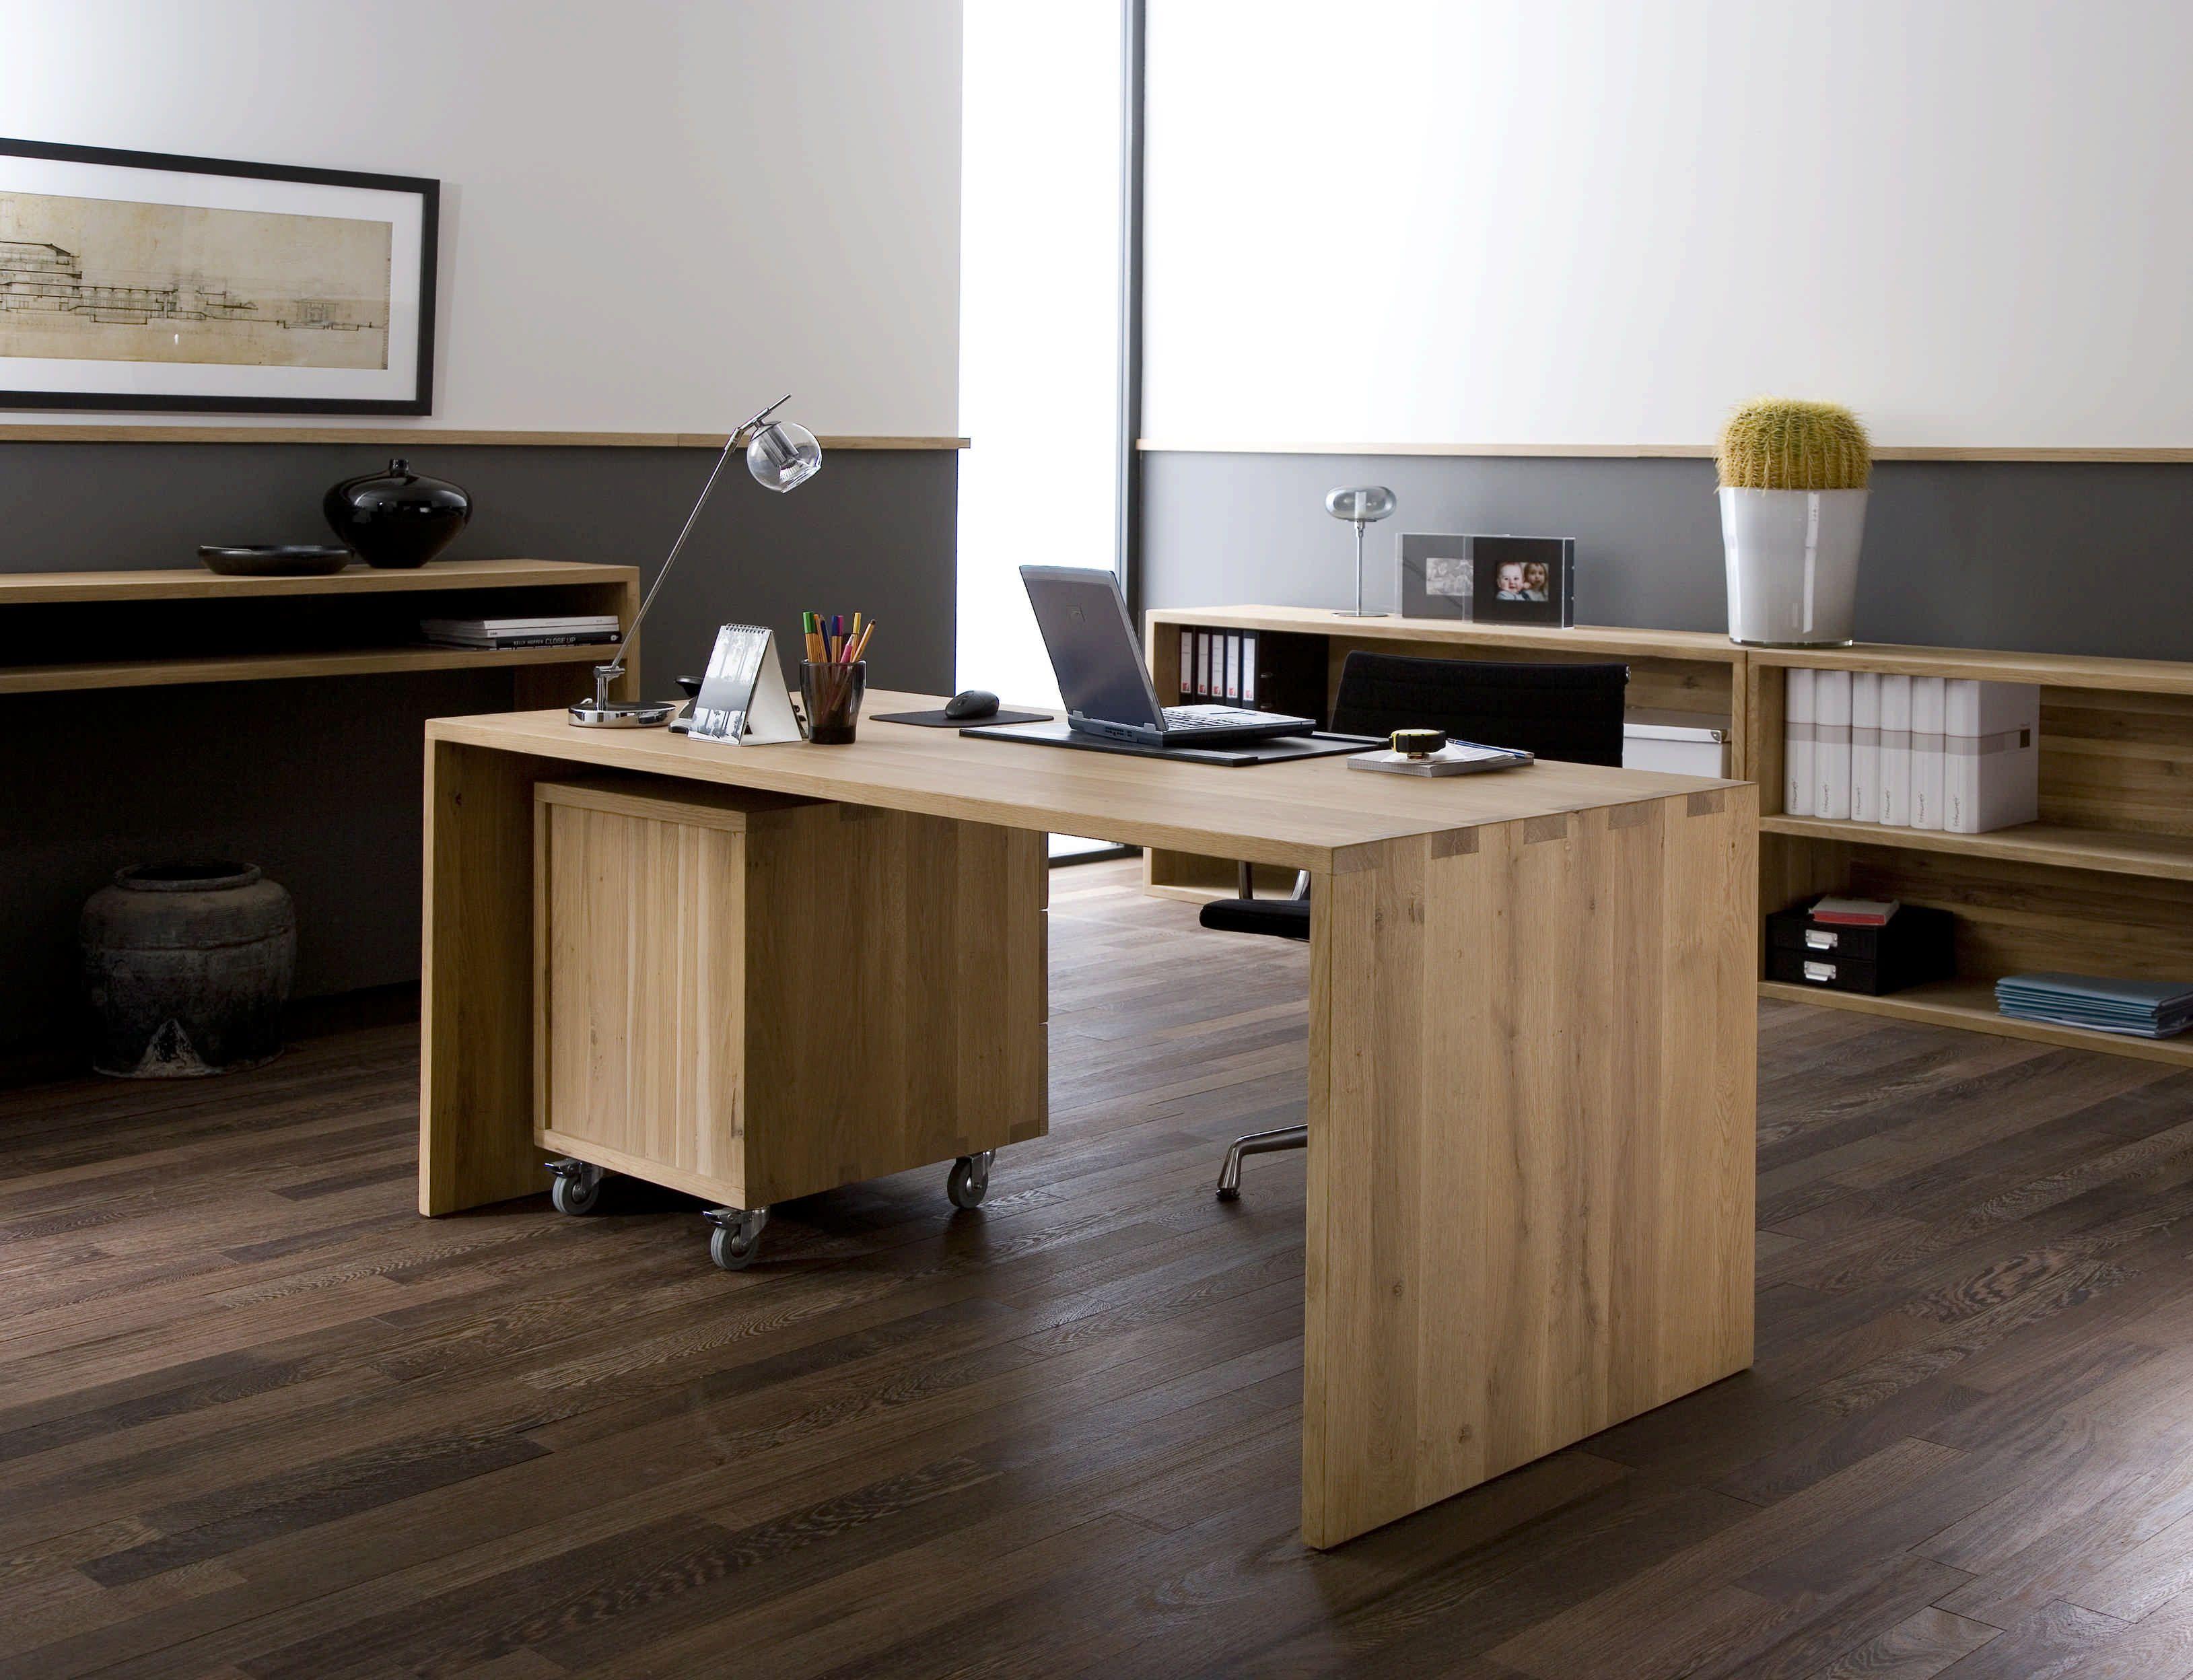 Ethnicraft Office U Table Interieur Meubel Ideeen Meubels